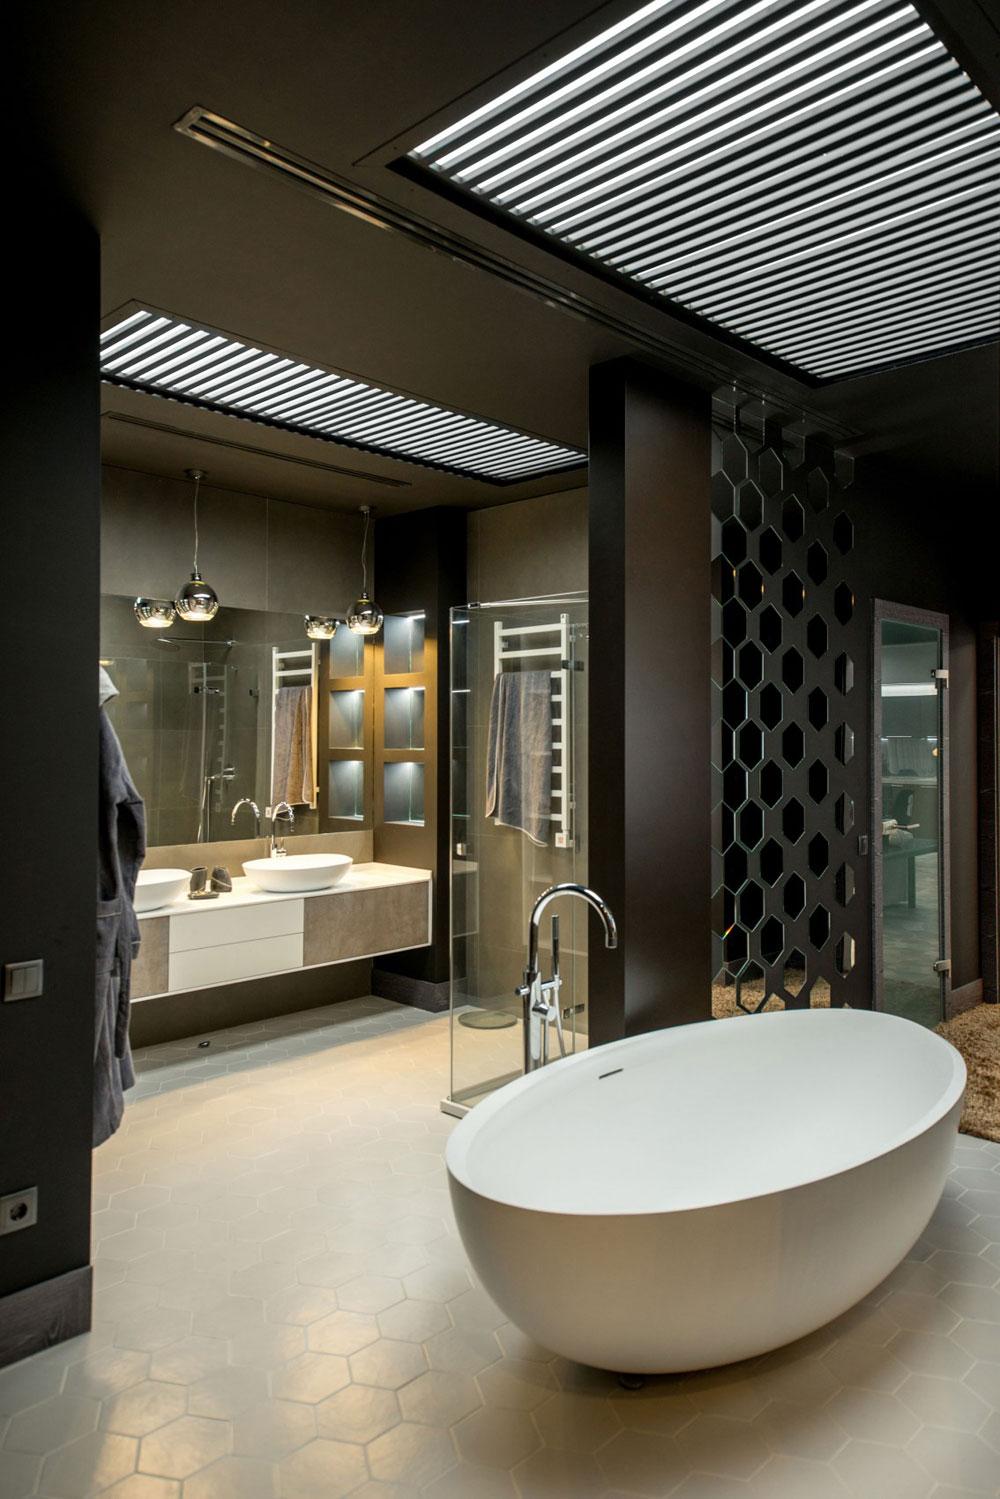 Main Bathroom Interior Design To Help You Create Something Great 41 Main Bathroom Interior Design To Help You Create Something Great